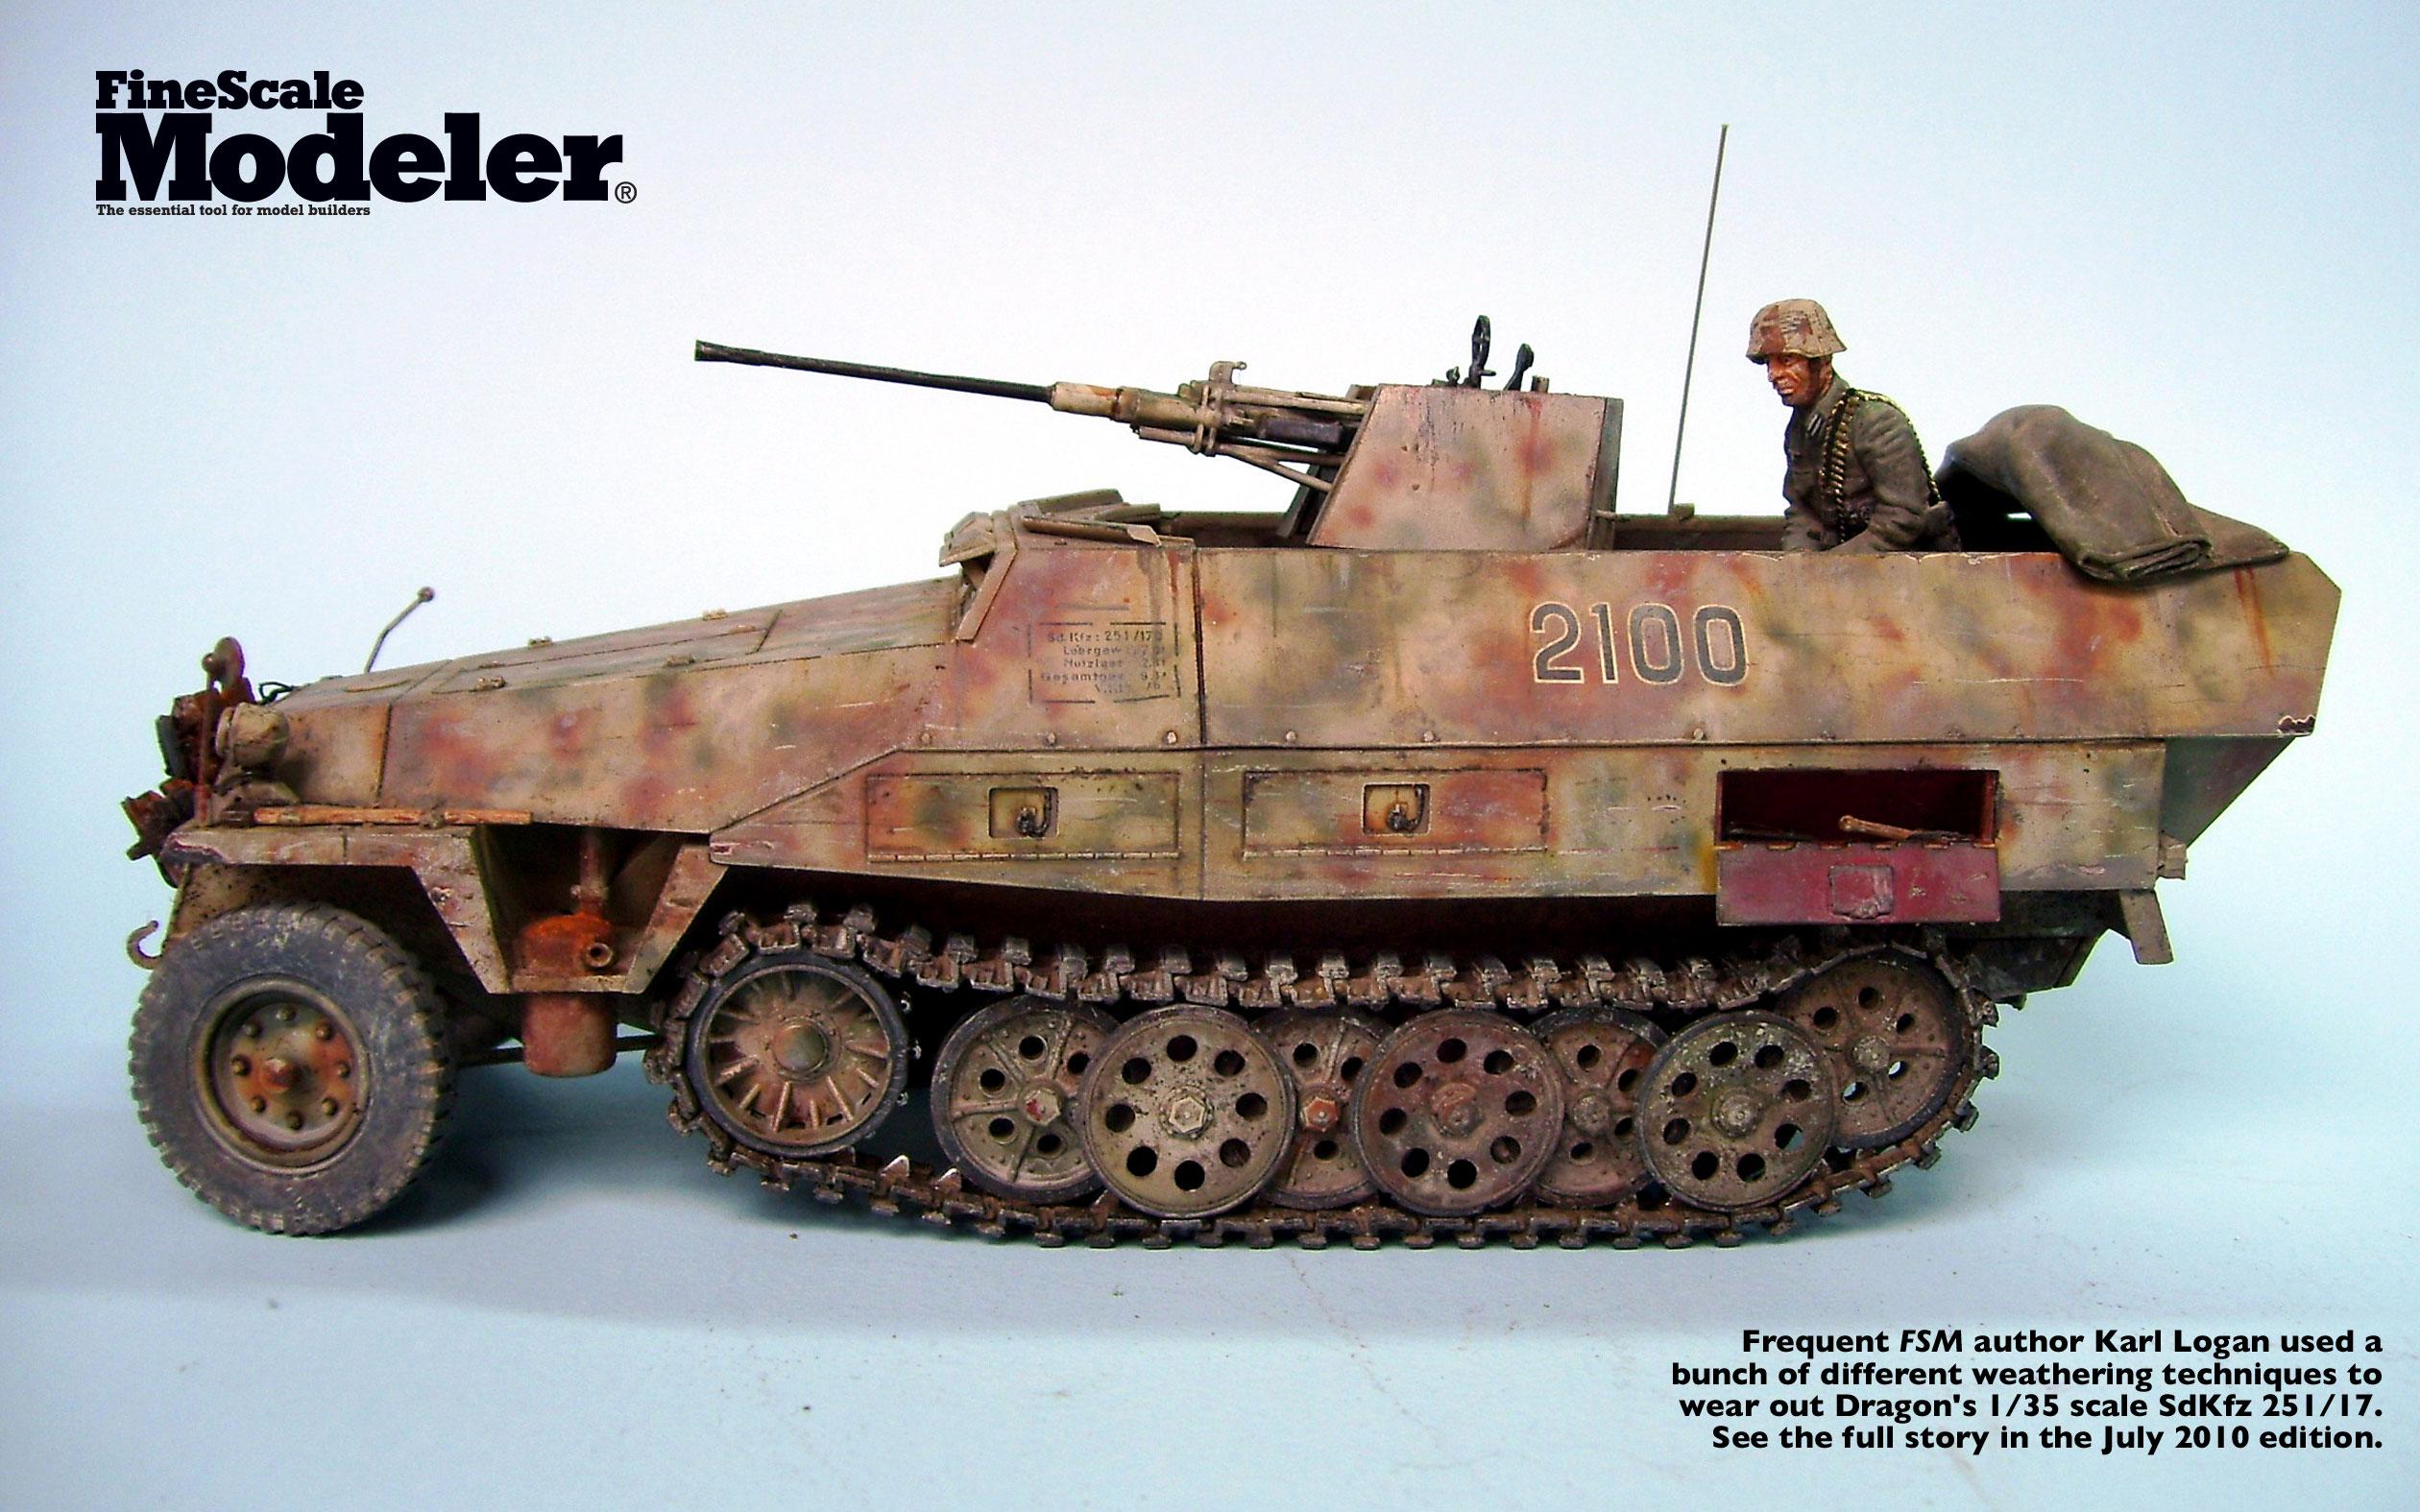 DESKTOP WALLPAPER: Karl Logan's Dragon 1/35 scale SdKfz 251/17